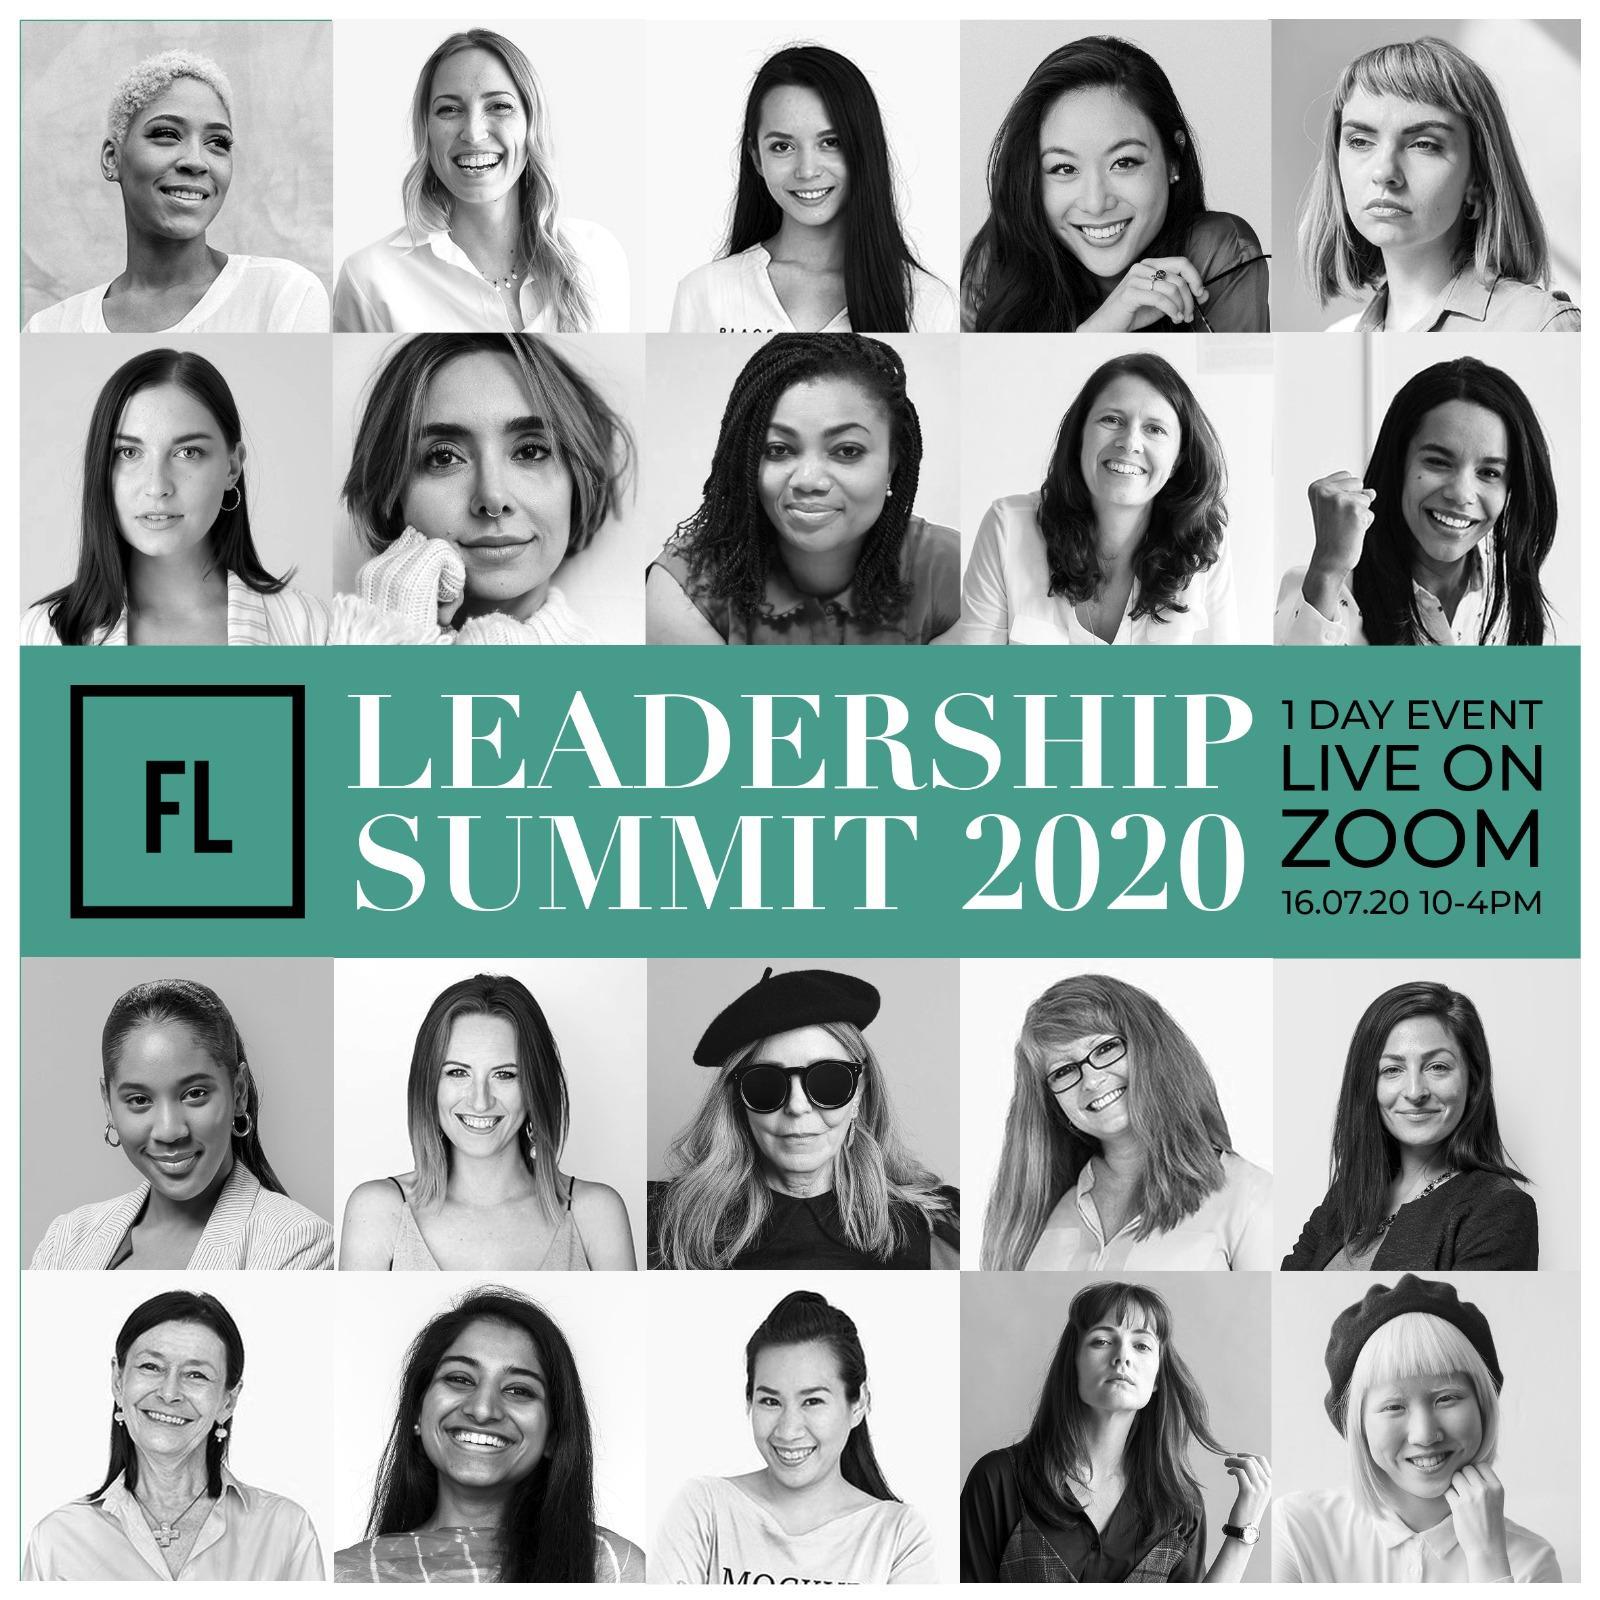 FL Leadership Summit 2020